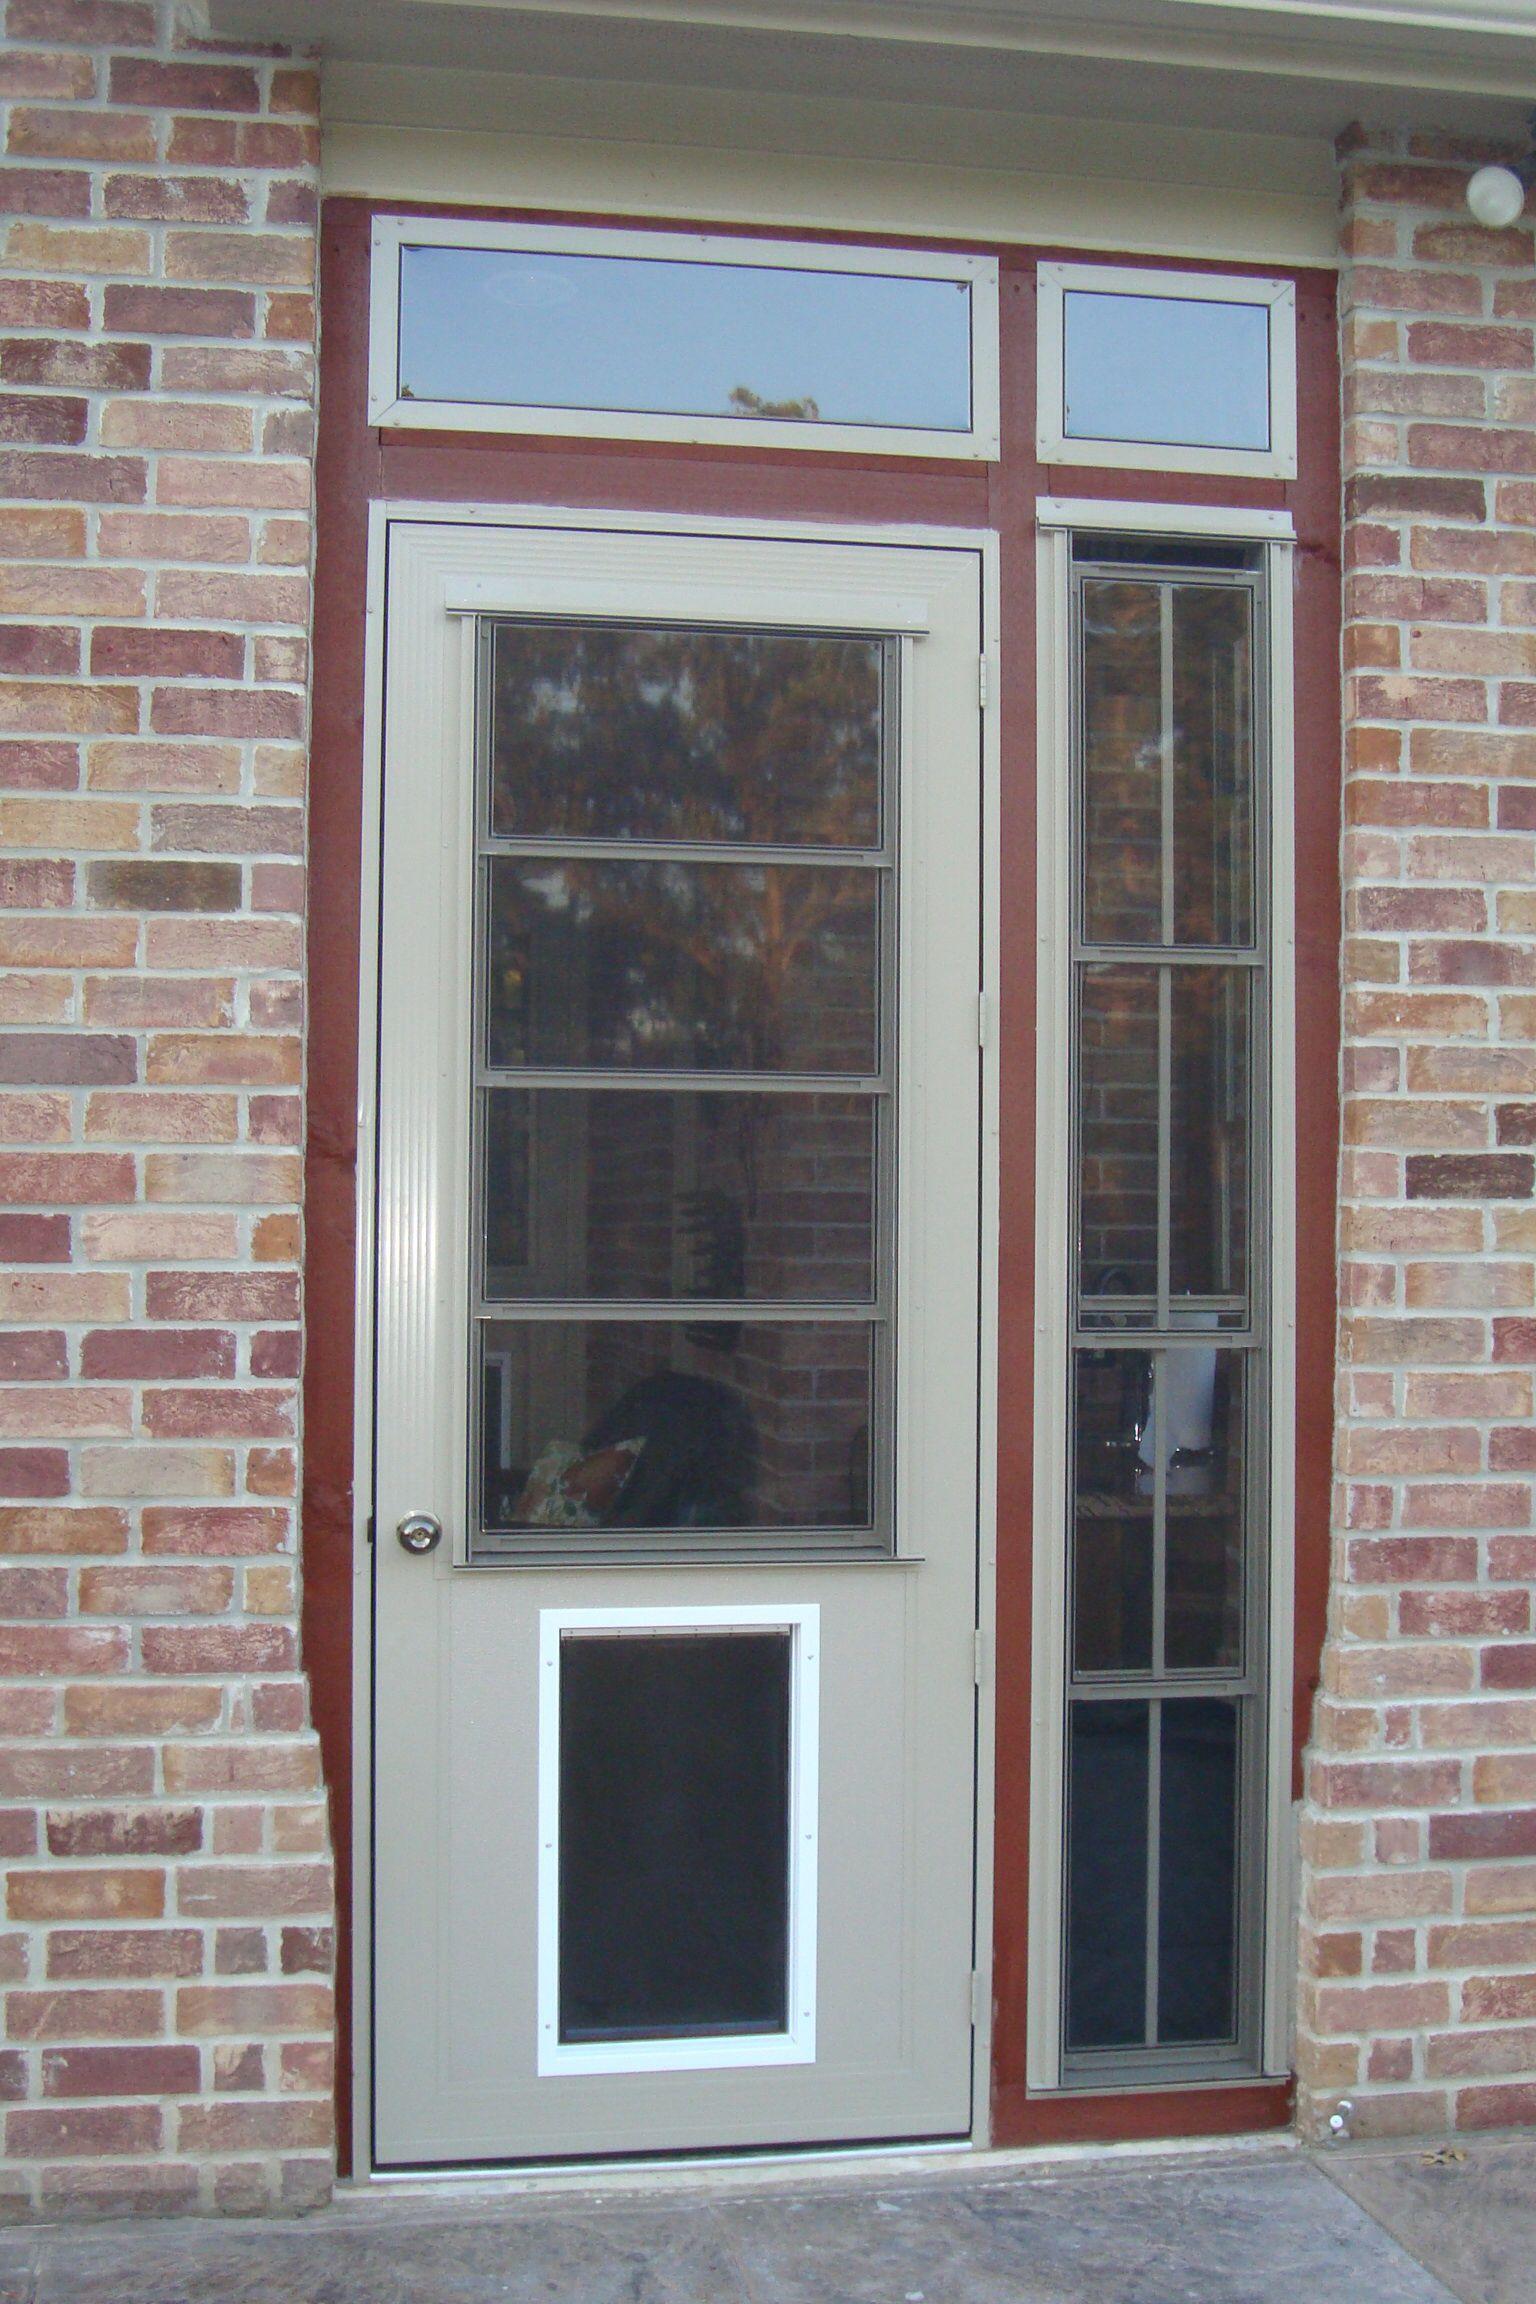 8u0027 cabana door with kick plate for large pet door & 8u0027 cabana door with kick plate for large pet door | Sun Room Door ...